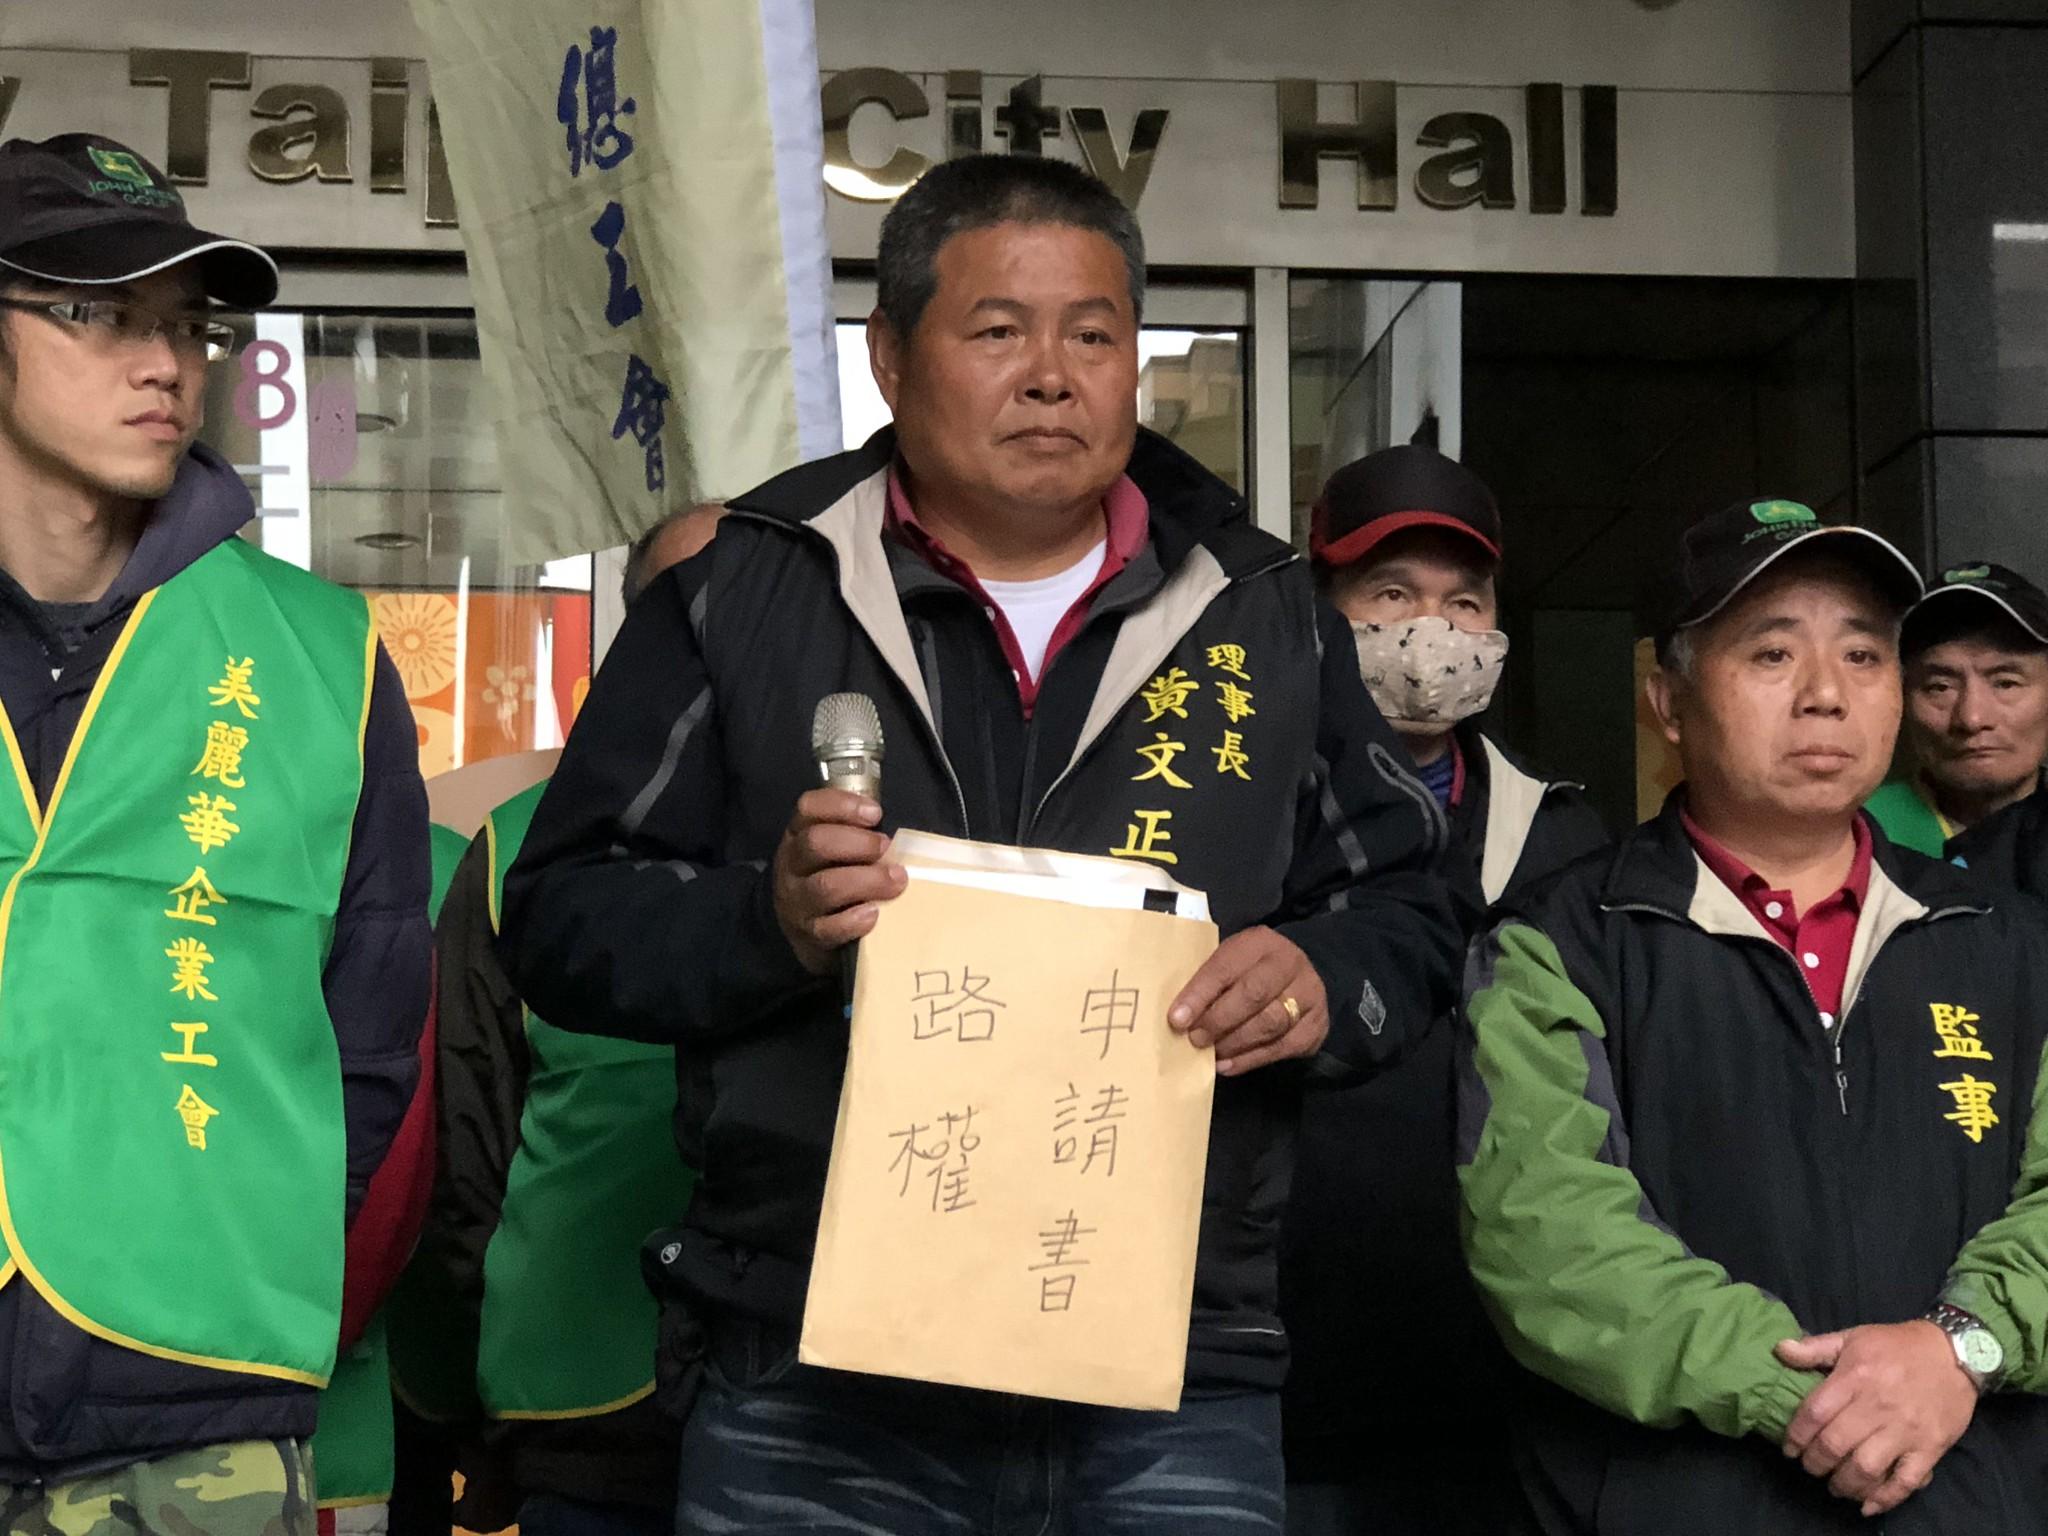 美麗華工會理事長手持路權申請書。(攝影:王顥中)